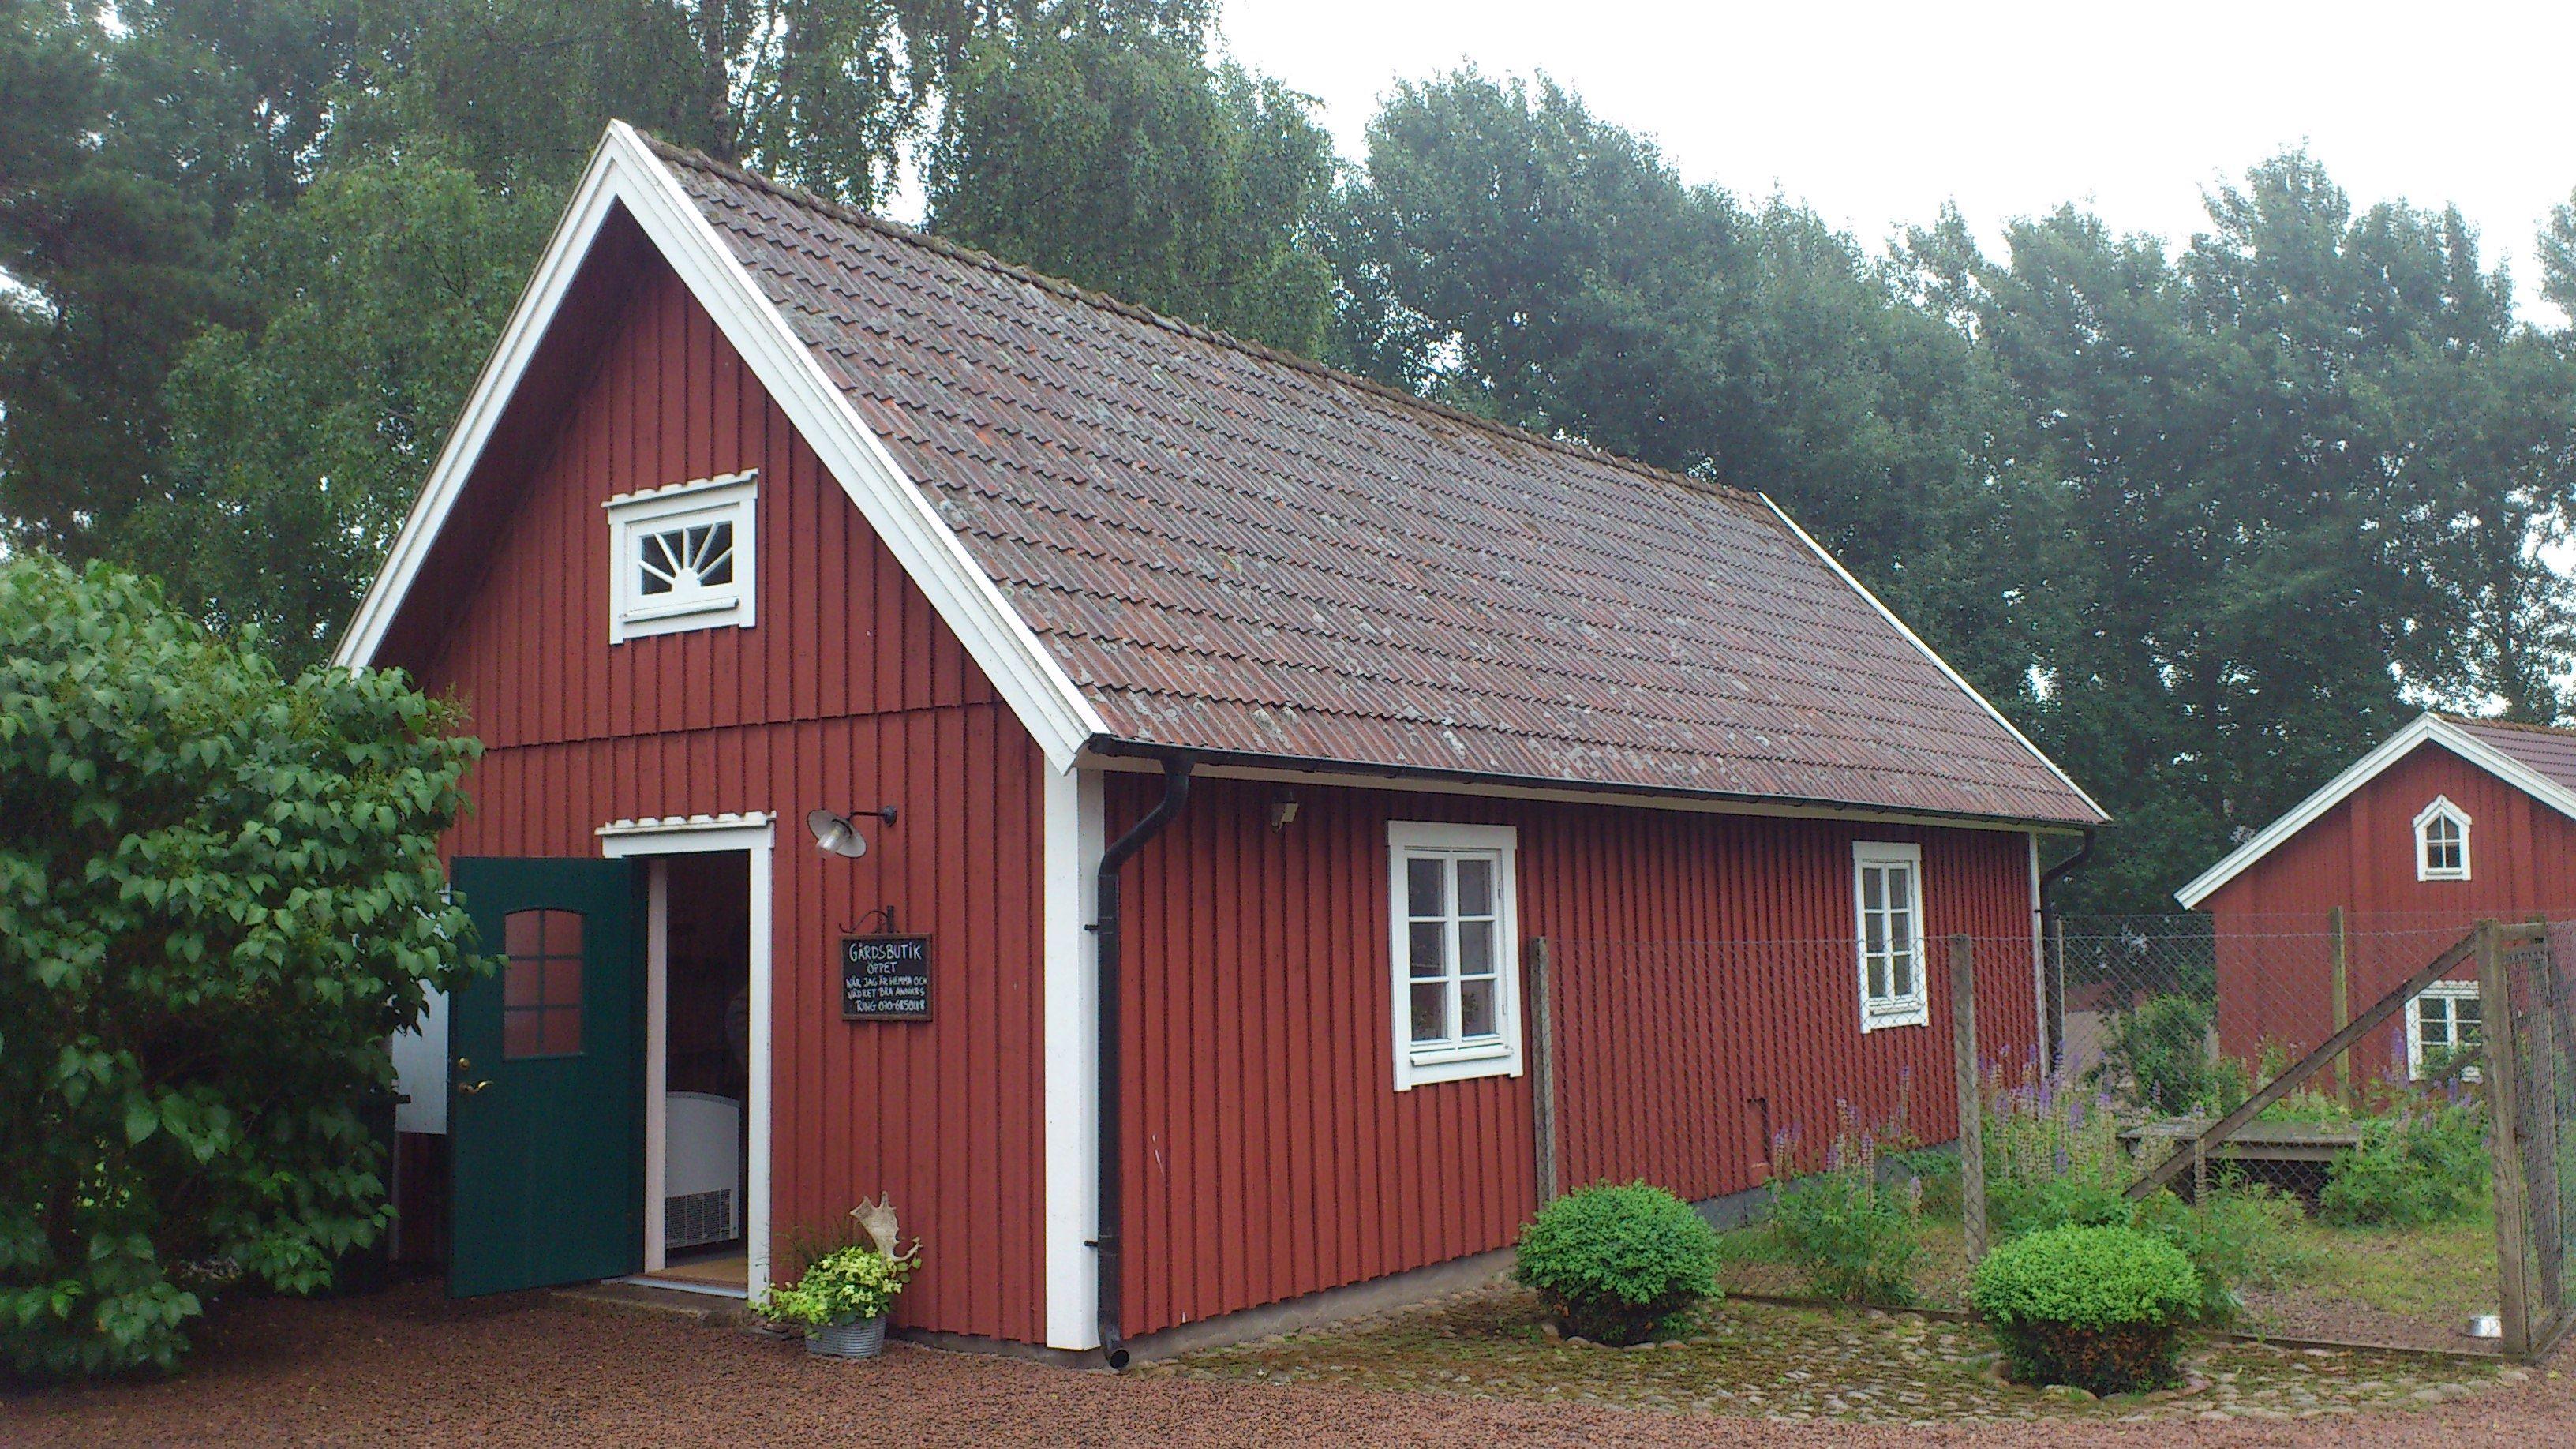 © Ljungby kommun Turistbyrå, Hofladen Sunnerborg